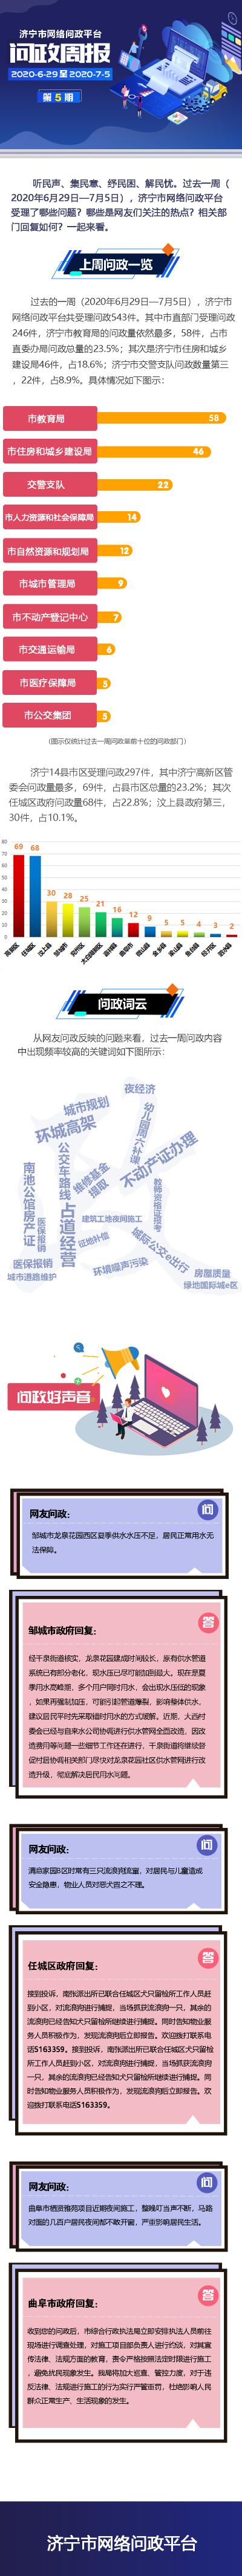 济宁市网络问政平台|一周问政热点(6月29日—7月5日)